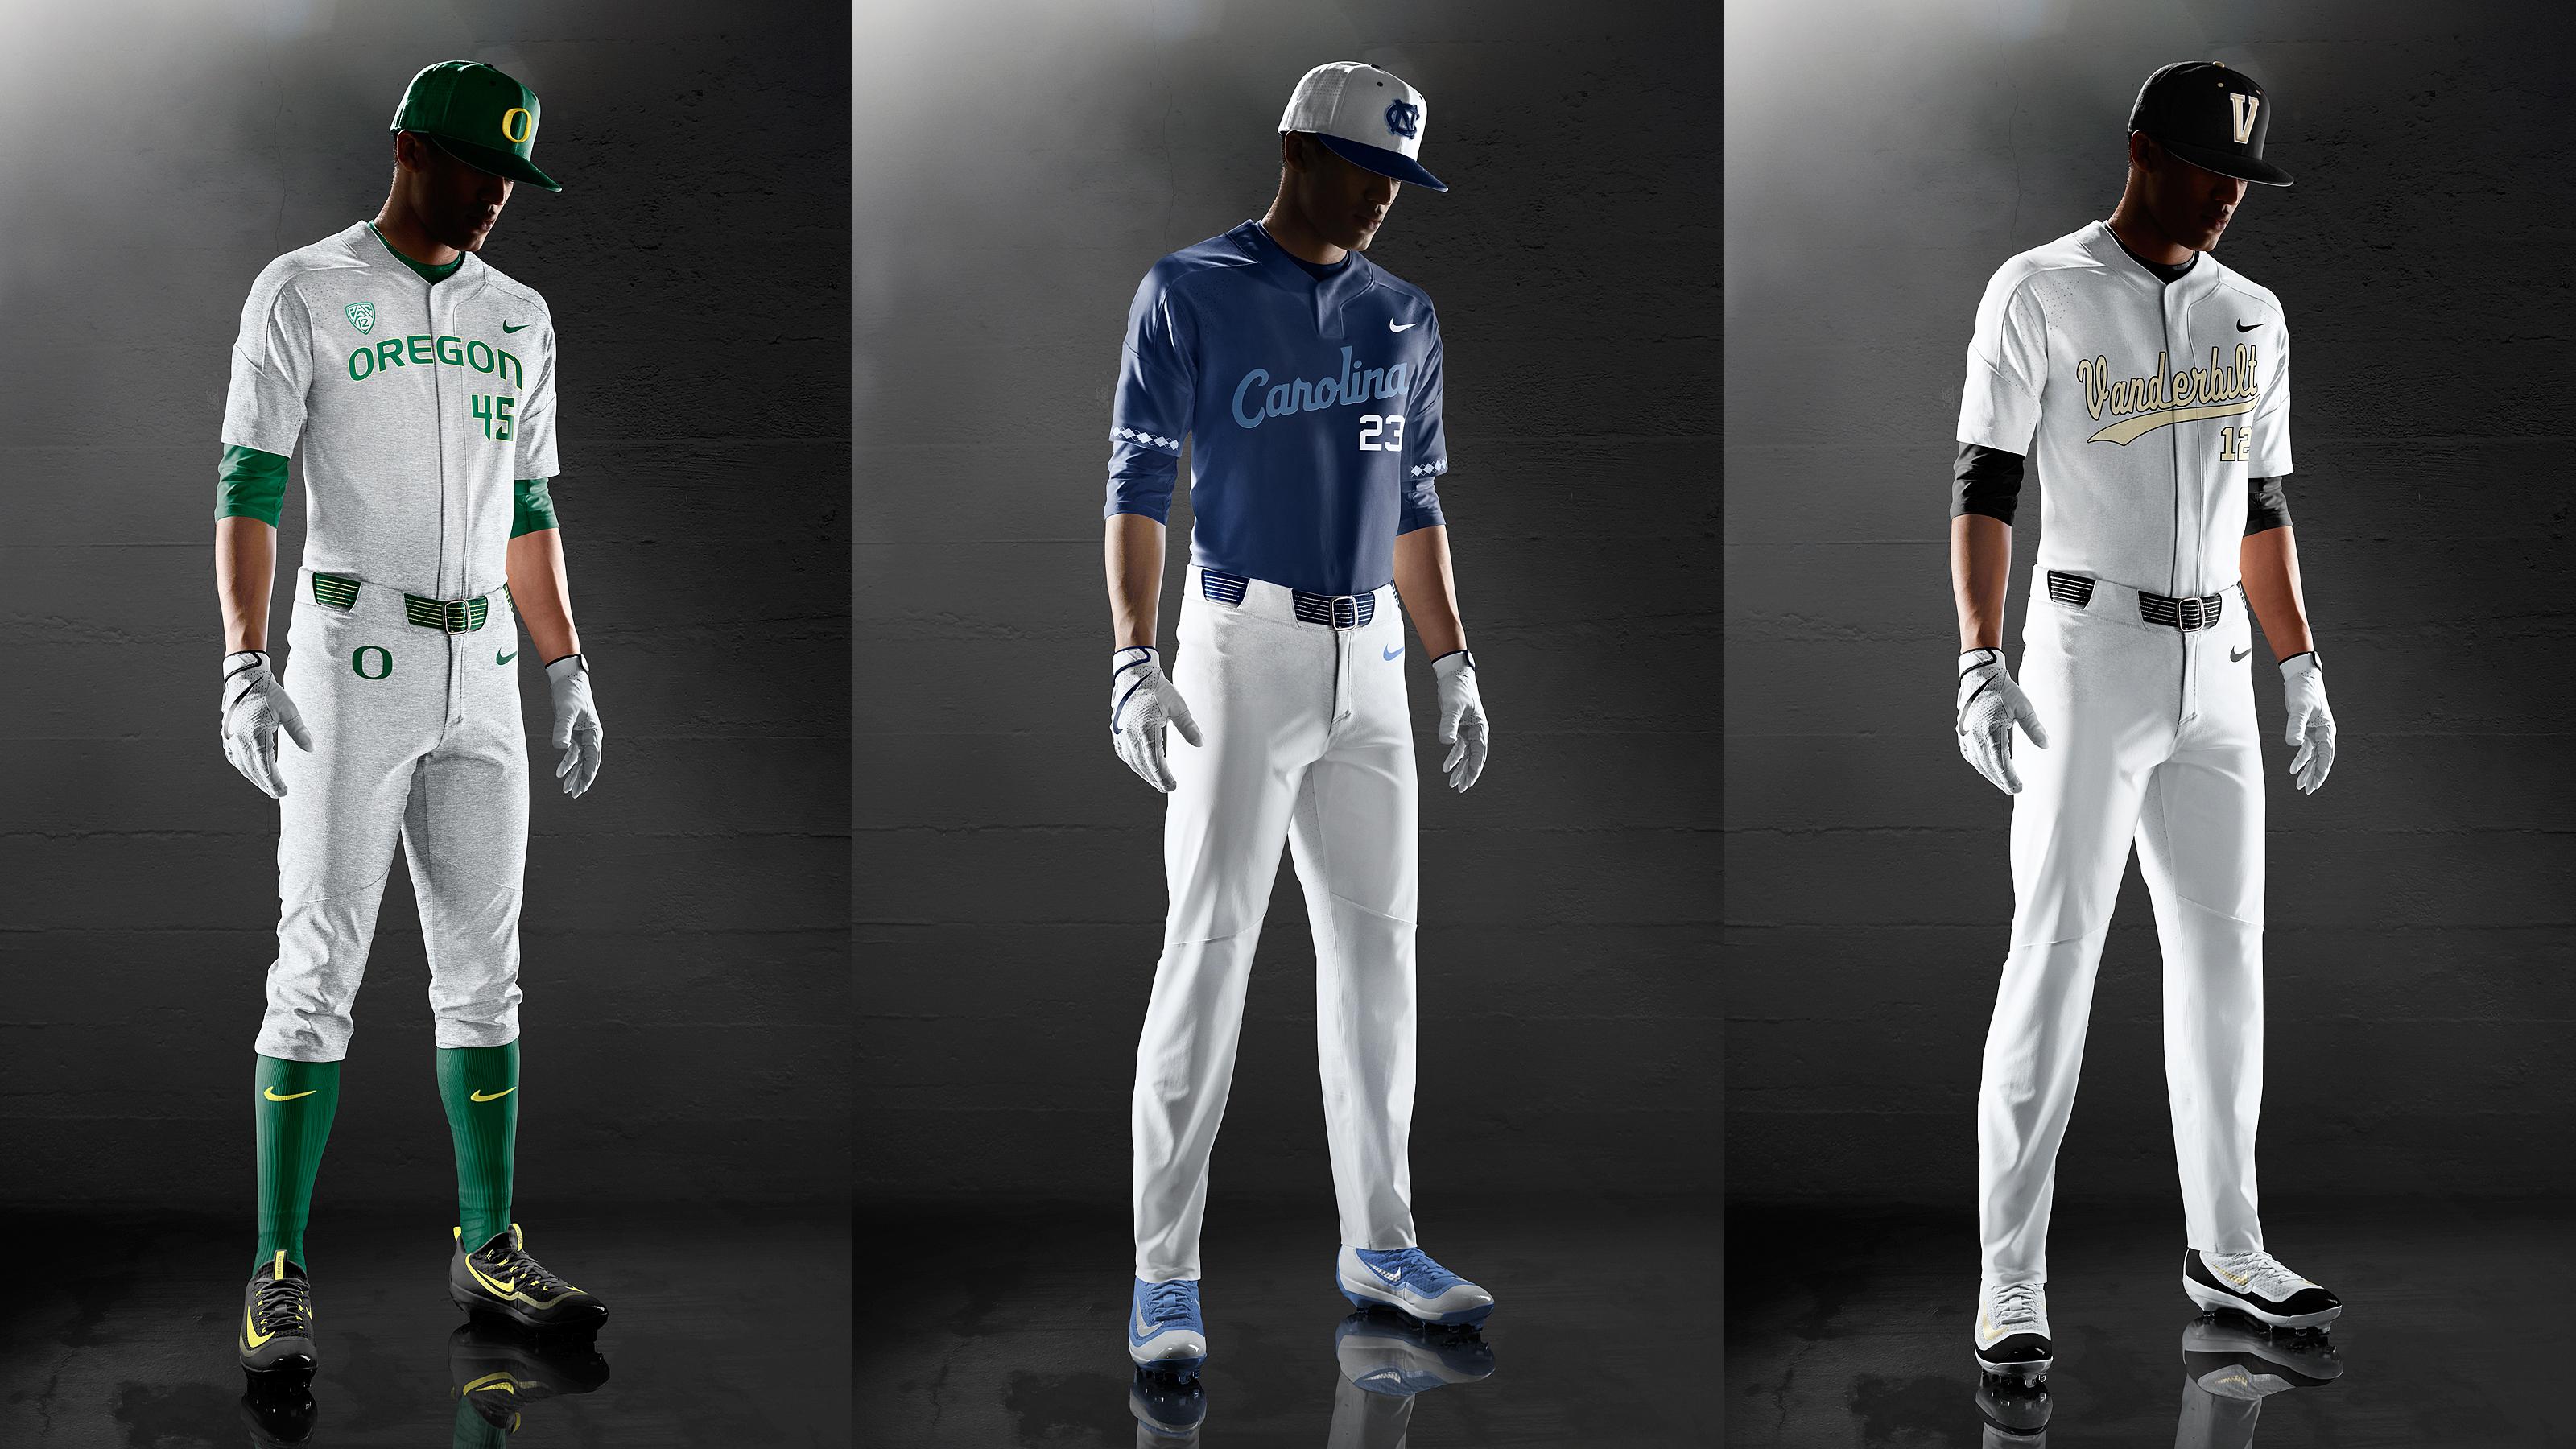 Torbellino Prohibir Escéptico  custom nike baseball jerseys - 61% OFF - novabetelcontabilidade.com.br